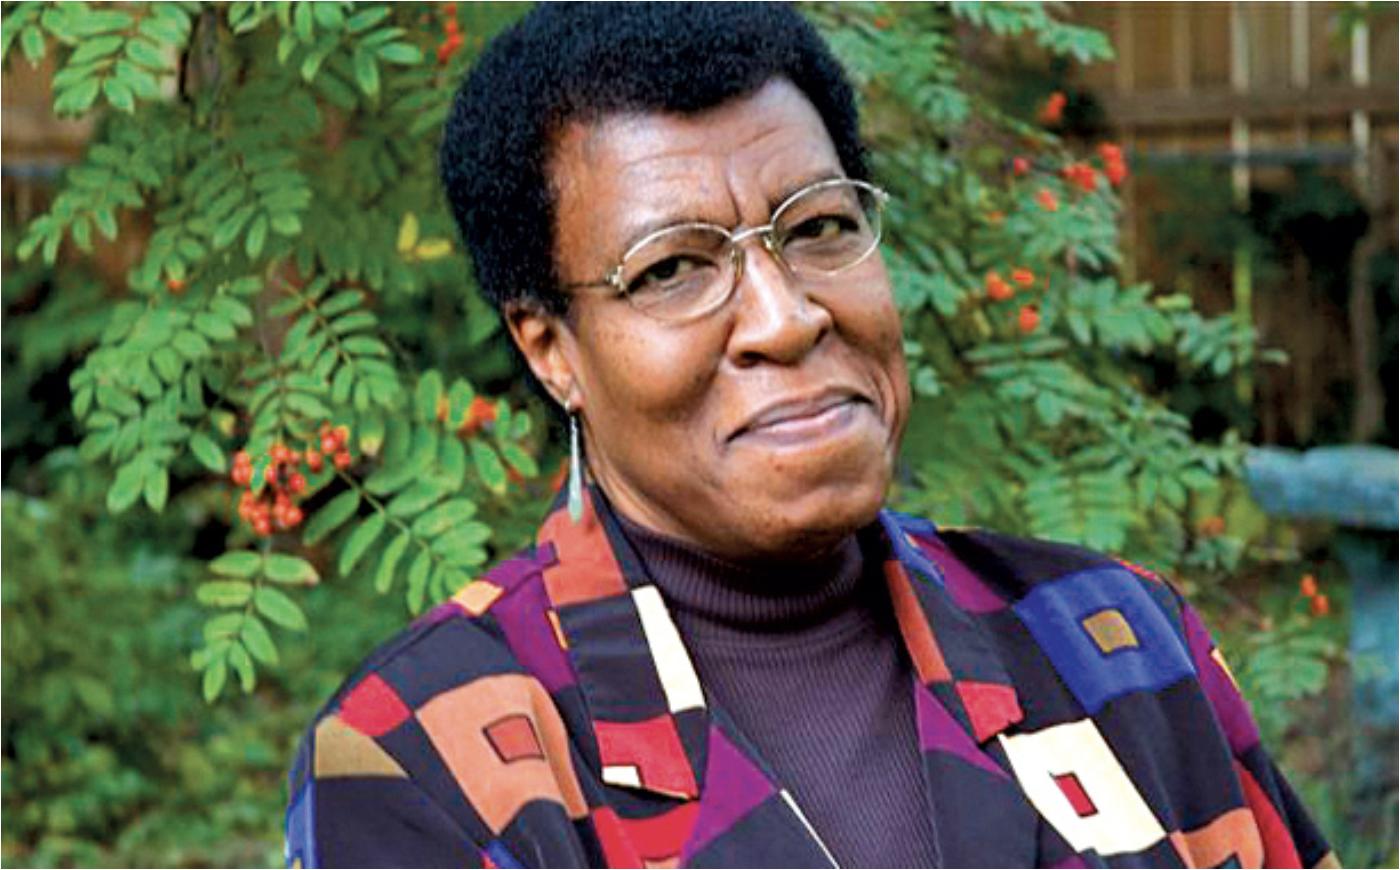 Mulheres que escrevem | Octavia Butler • Mundo Hype